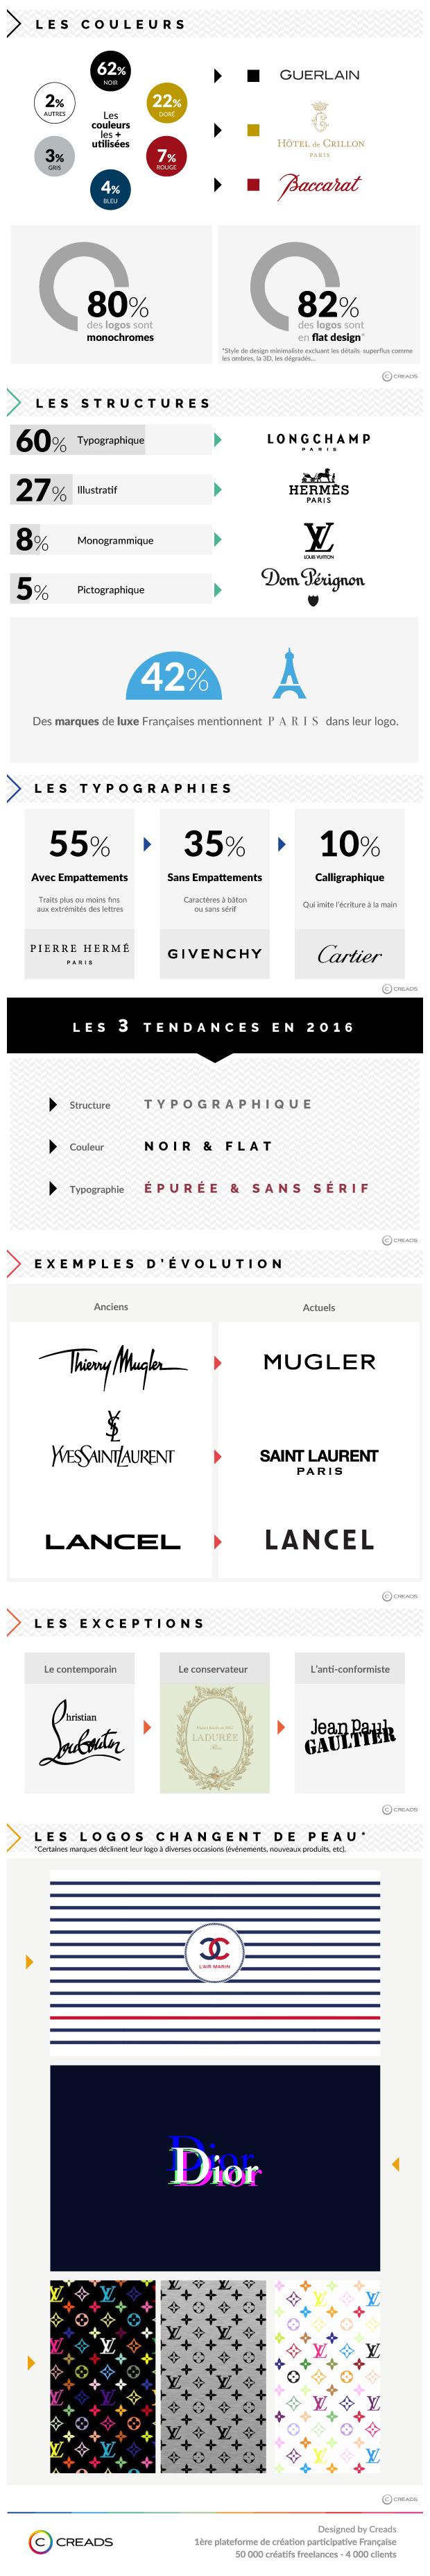 Tendances des logos en 2016